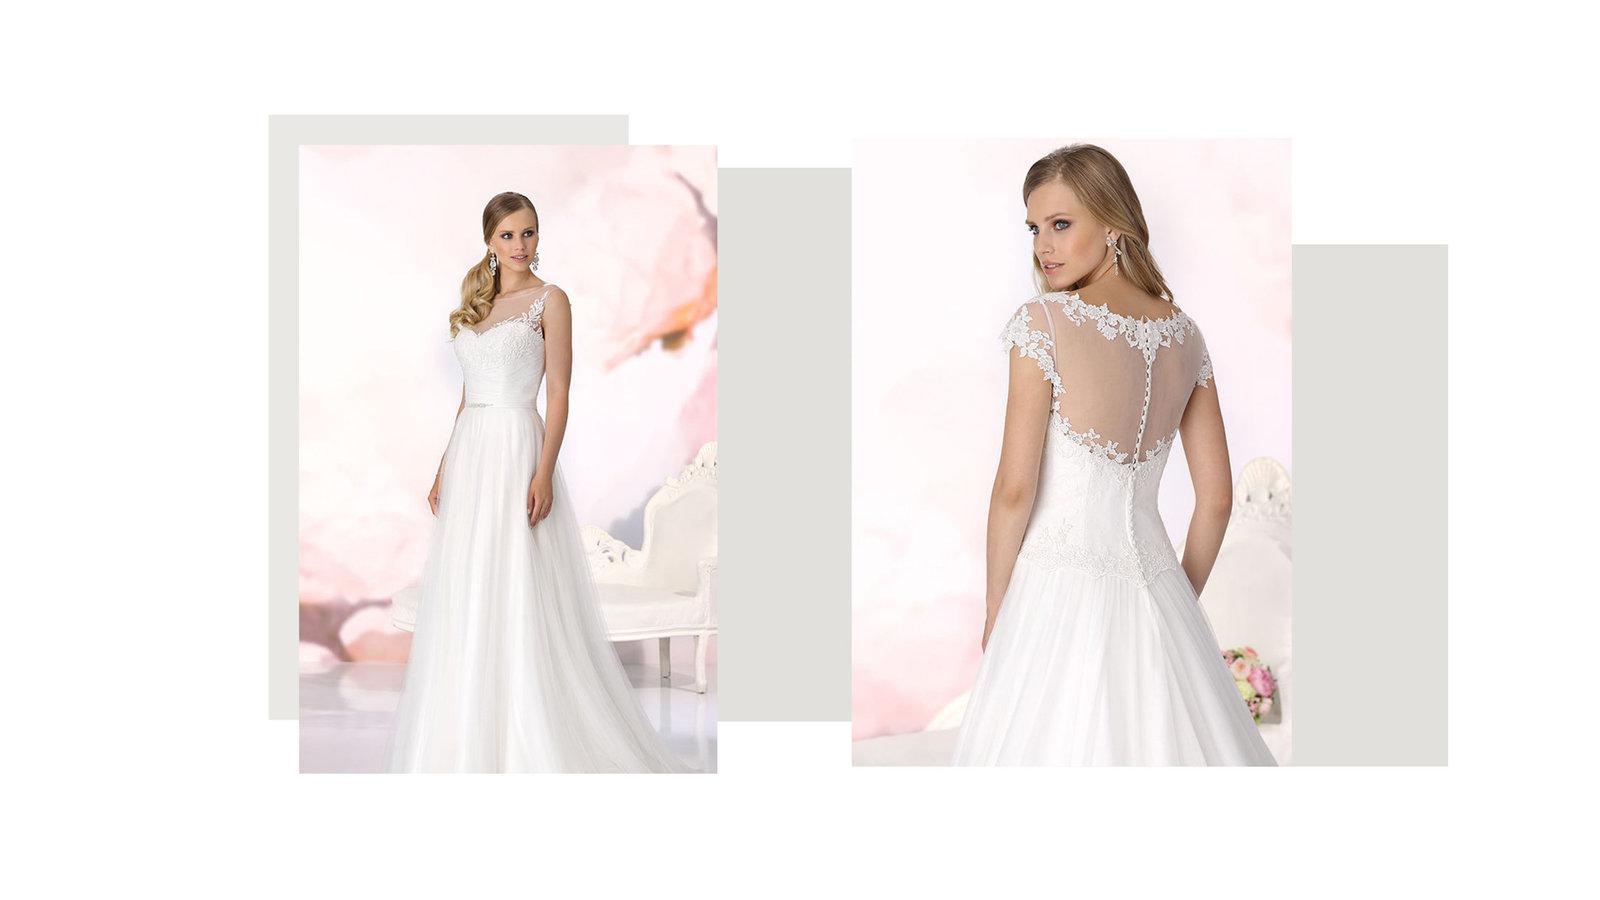 Brautkleider mieten thun – Beliebte Hochzeitstraditionen 2018